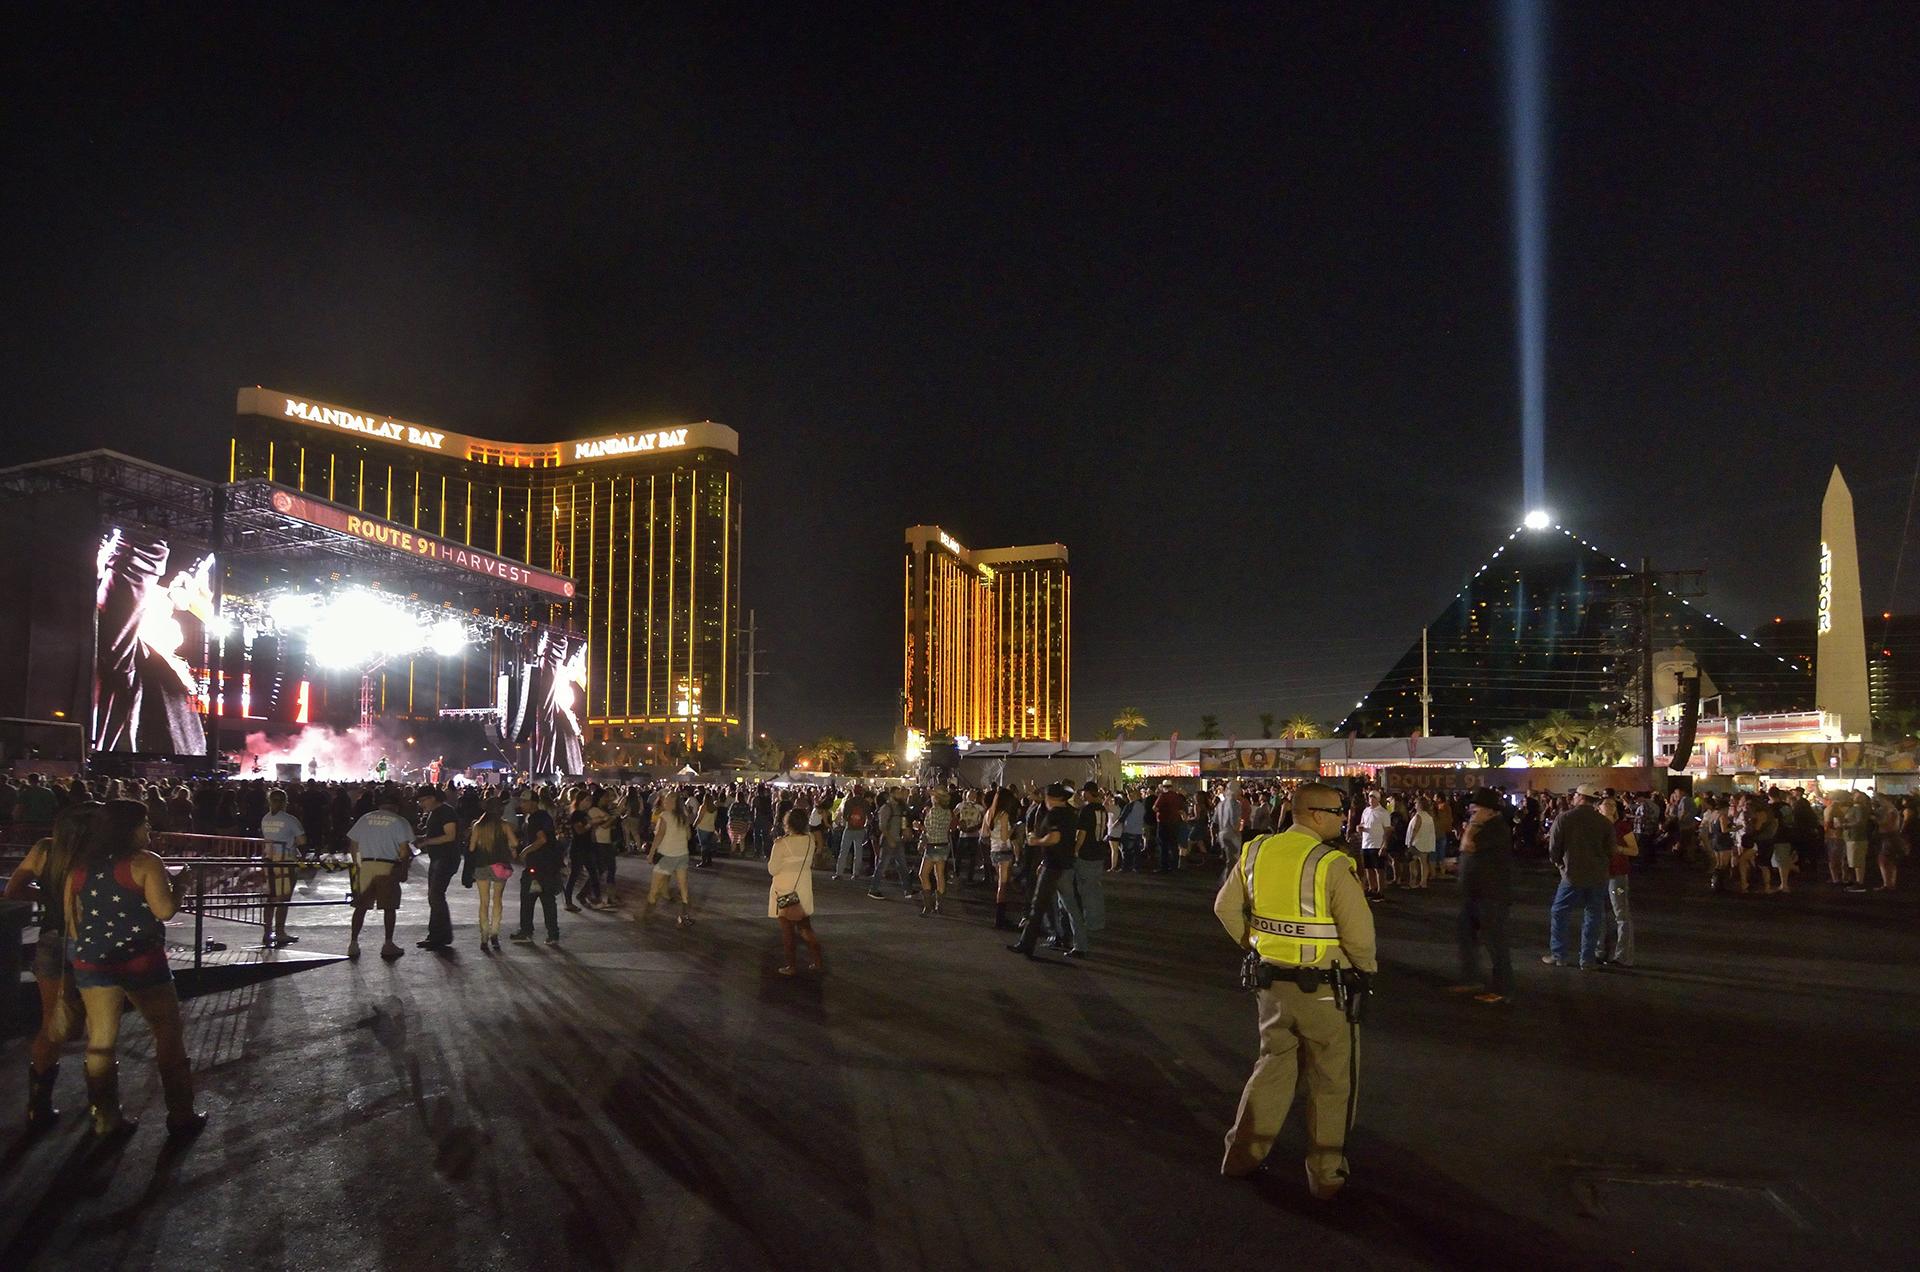 Vista general de uno de los escenarios del festival de música Route 91, Harvest, en las Vegas, Estados Unidos, el 30 de septiembre de 2017